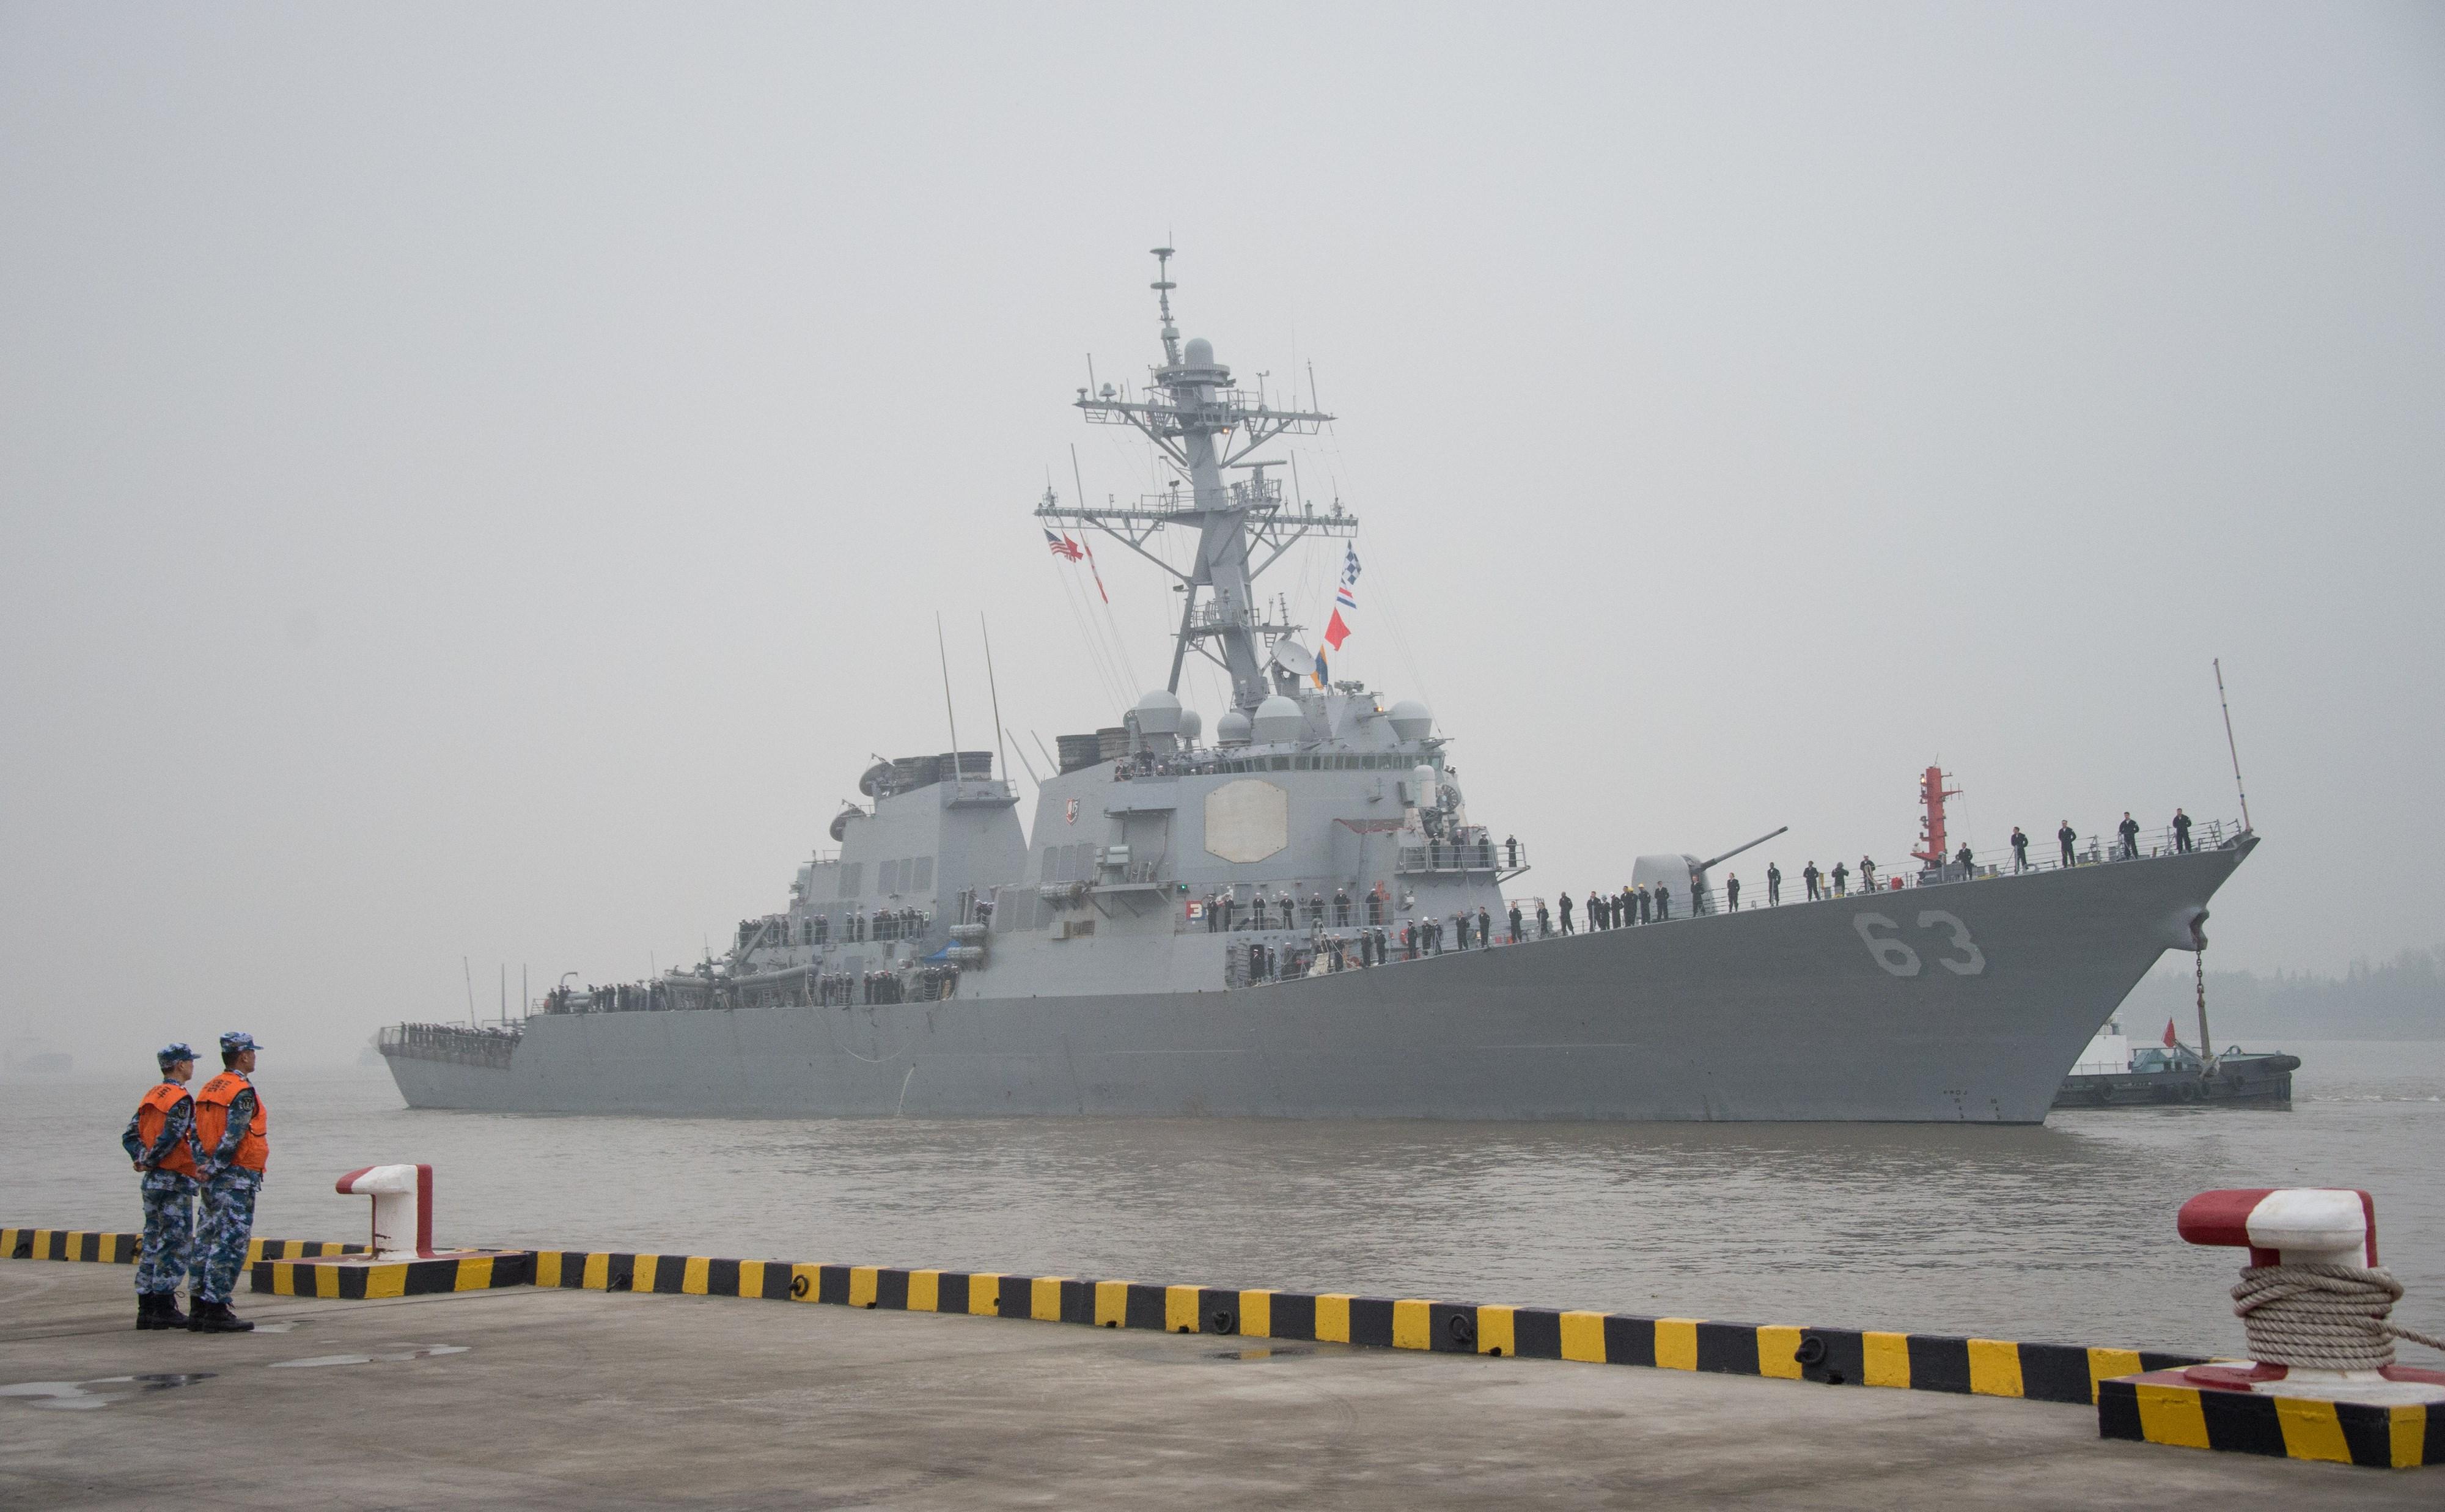 實現印太航行自由 美兩軍艦再通過台灣海峽